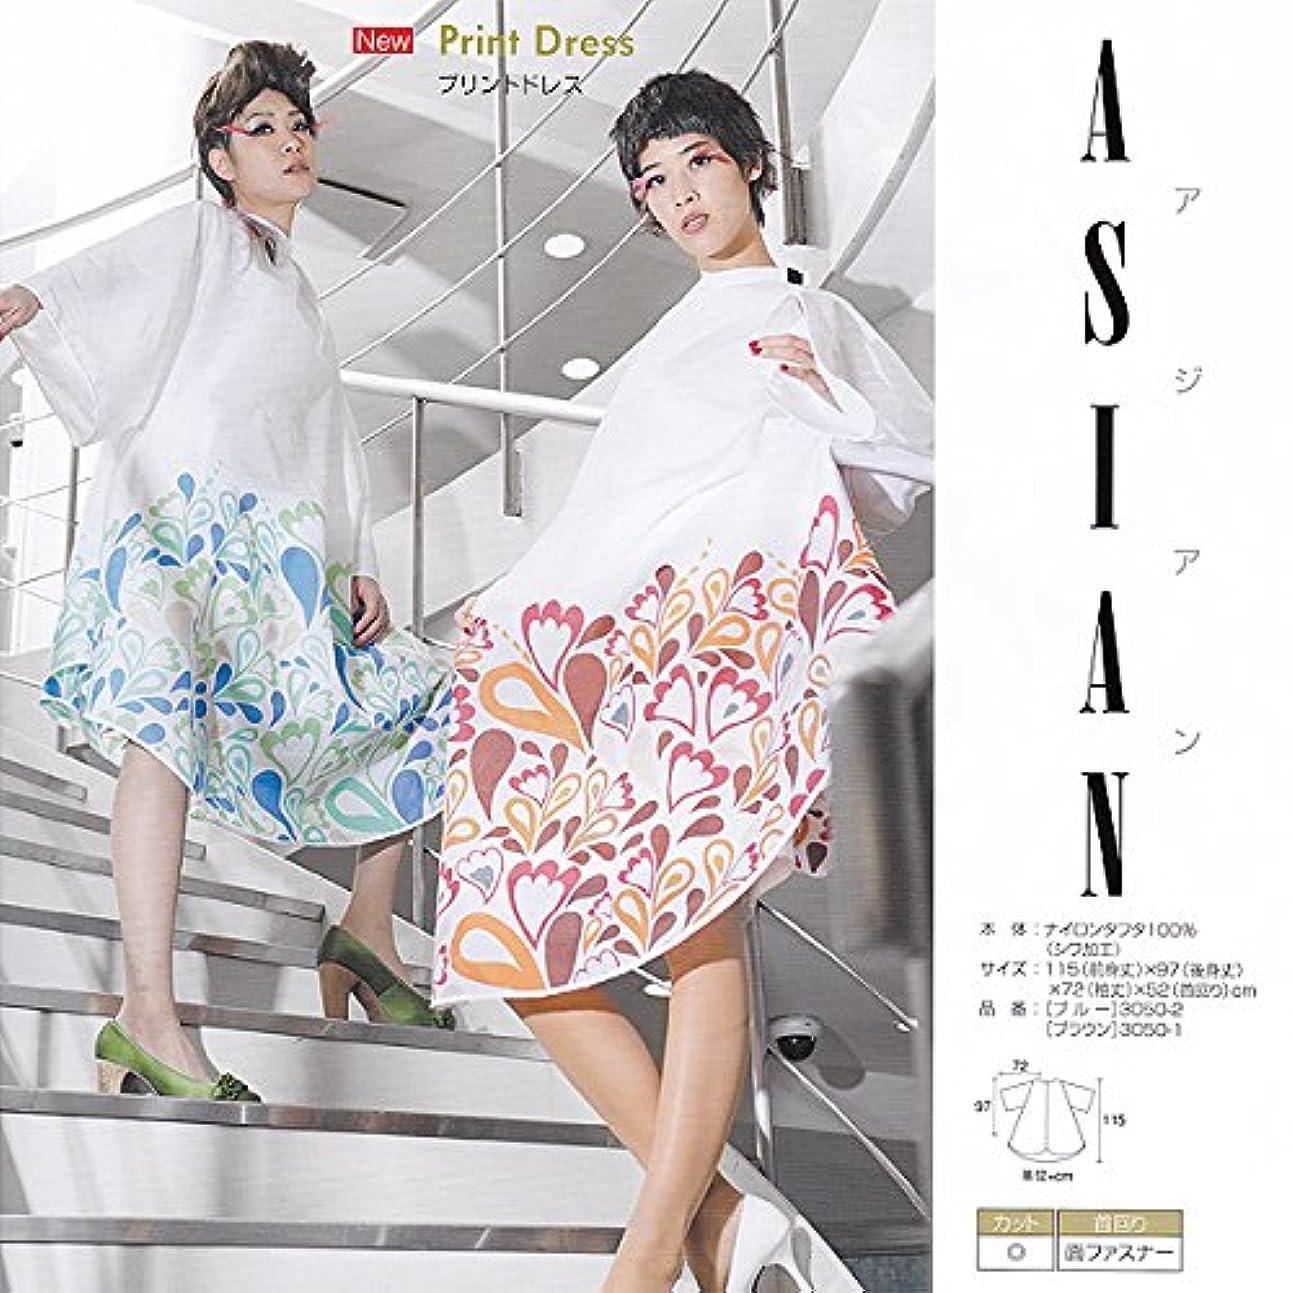 氏マニフェスト同志WAKO ASIAN アジアンプリントドレス №3050 3050-2(アジアンブルー) 115(前身丈)×97(後身丈)×72(袖丈)×52(首回リ)